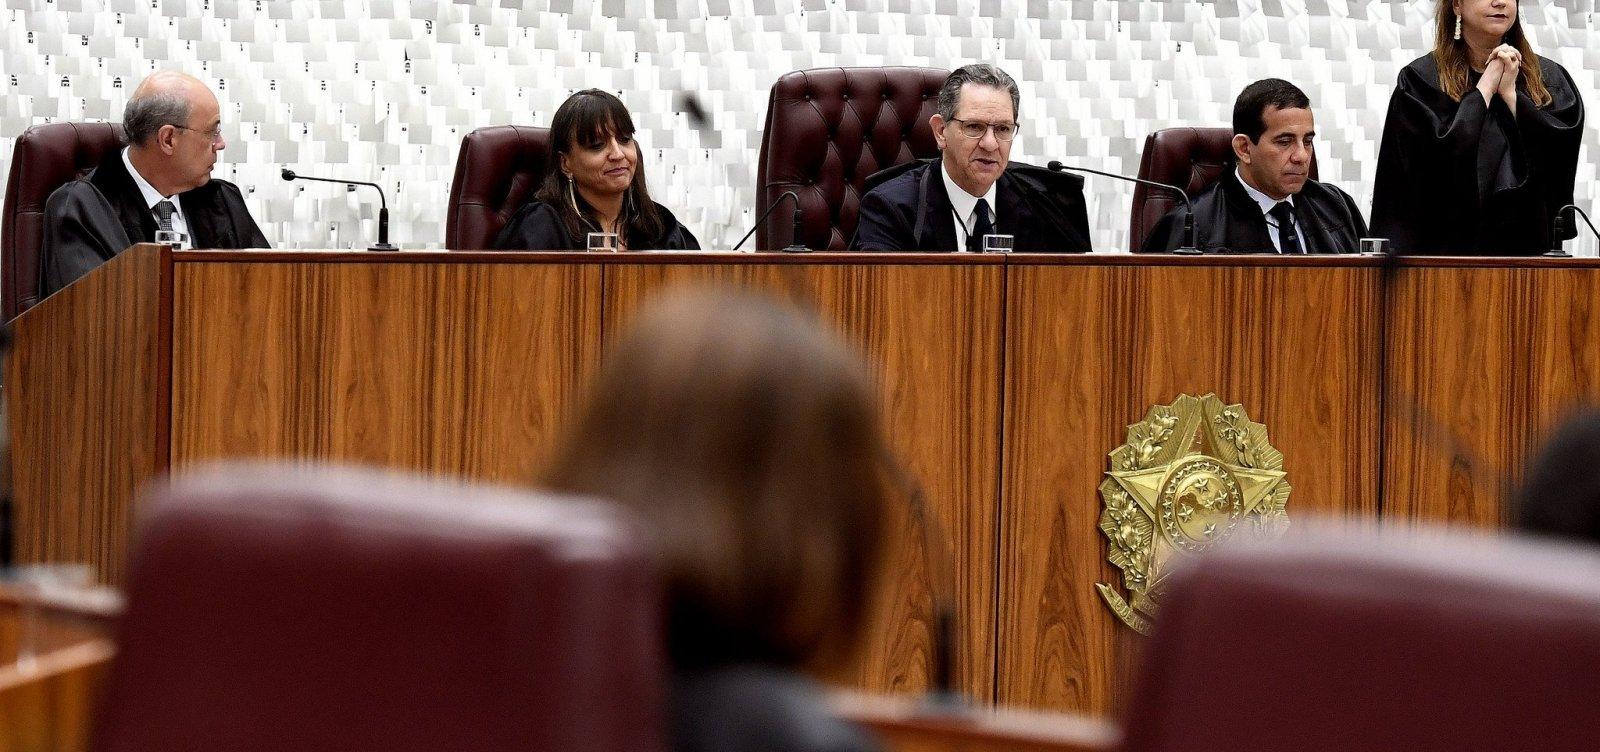 [STJ aprova novo TRF em Minas e 54 cargos de desembargador no país]